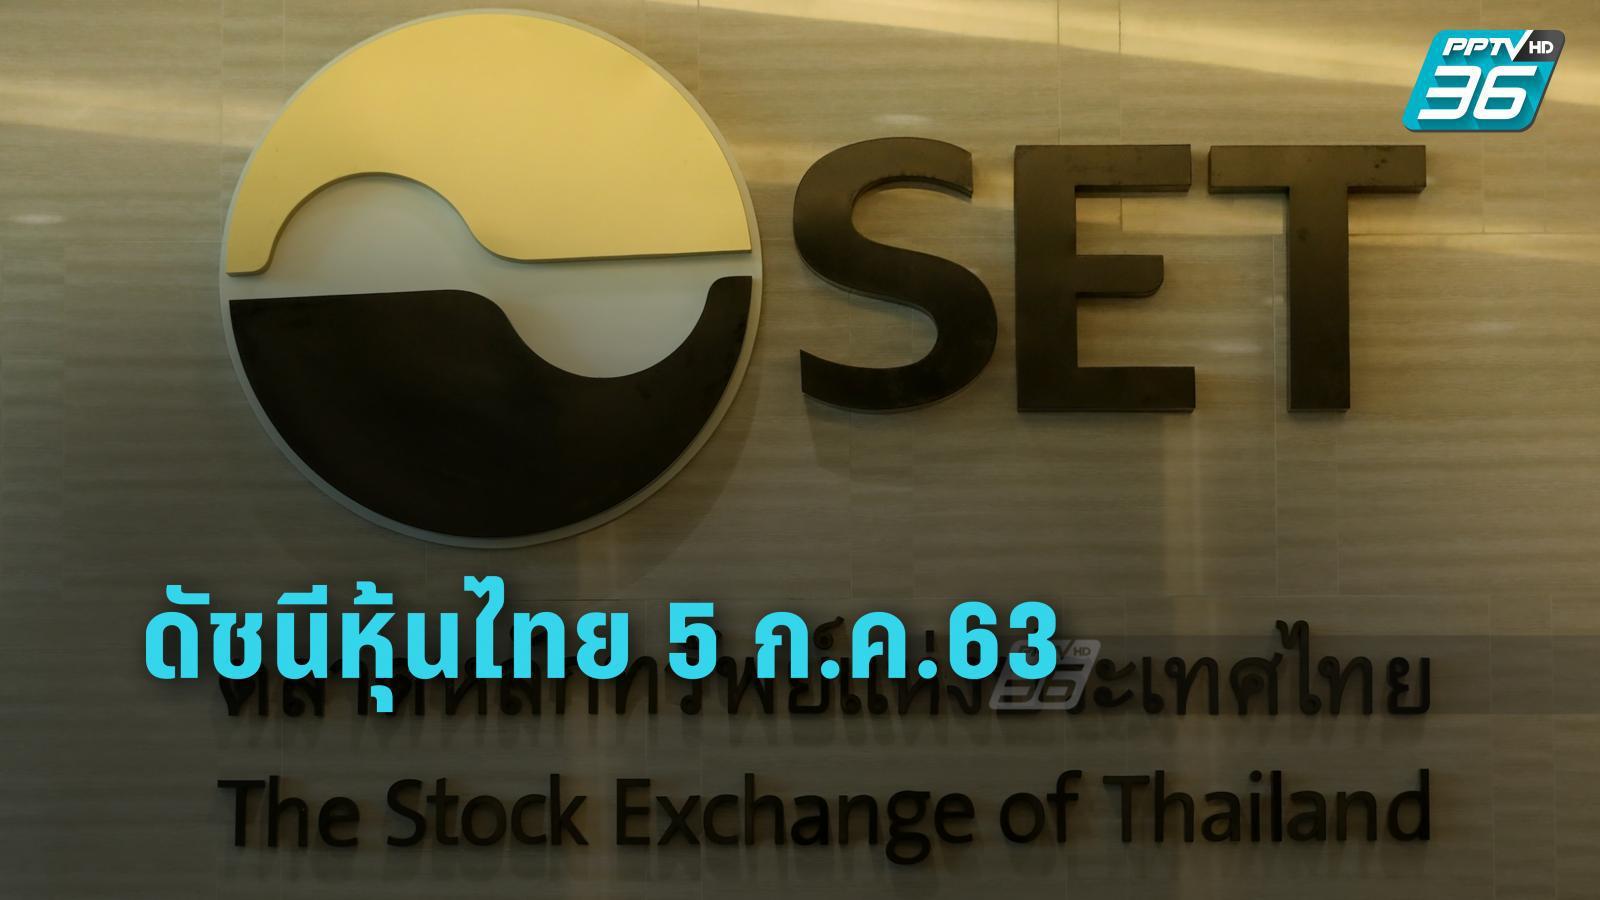 ดัชนีหุ้นไทย 5 ส.ค.63 ปิดการซื้อขายตลอดวัน  +6.54 จุดปิดที่  1,337.35 จุด